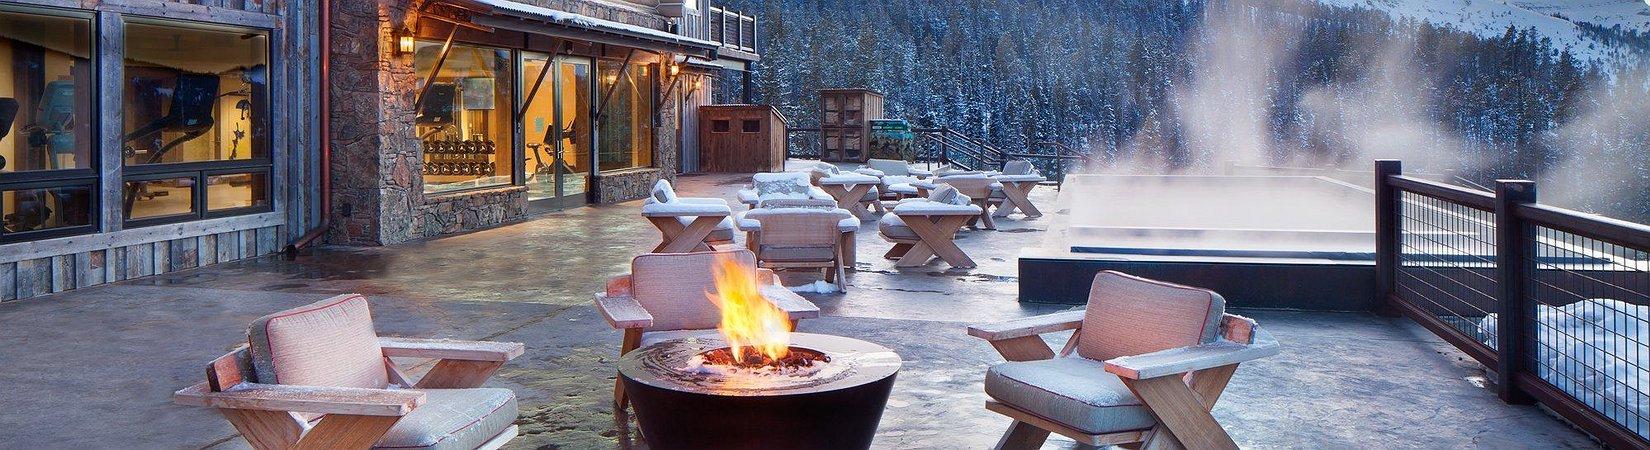 Йеллоустоун-Клаб: Частный горнолыжный клуб, где отдыхают Билл Гейтс и Эрик Шмидт